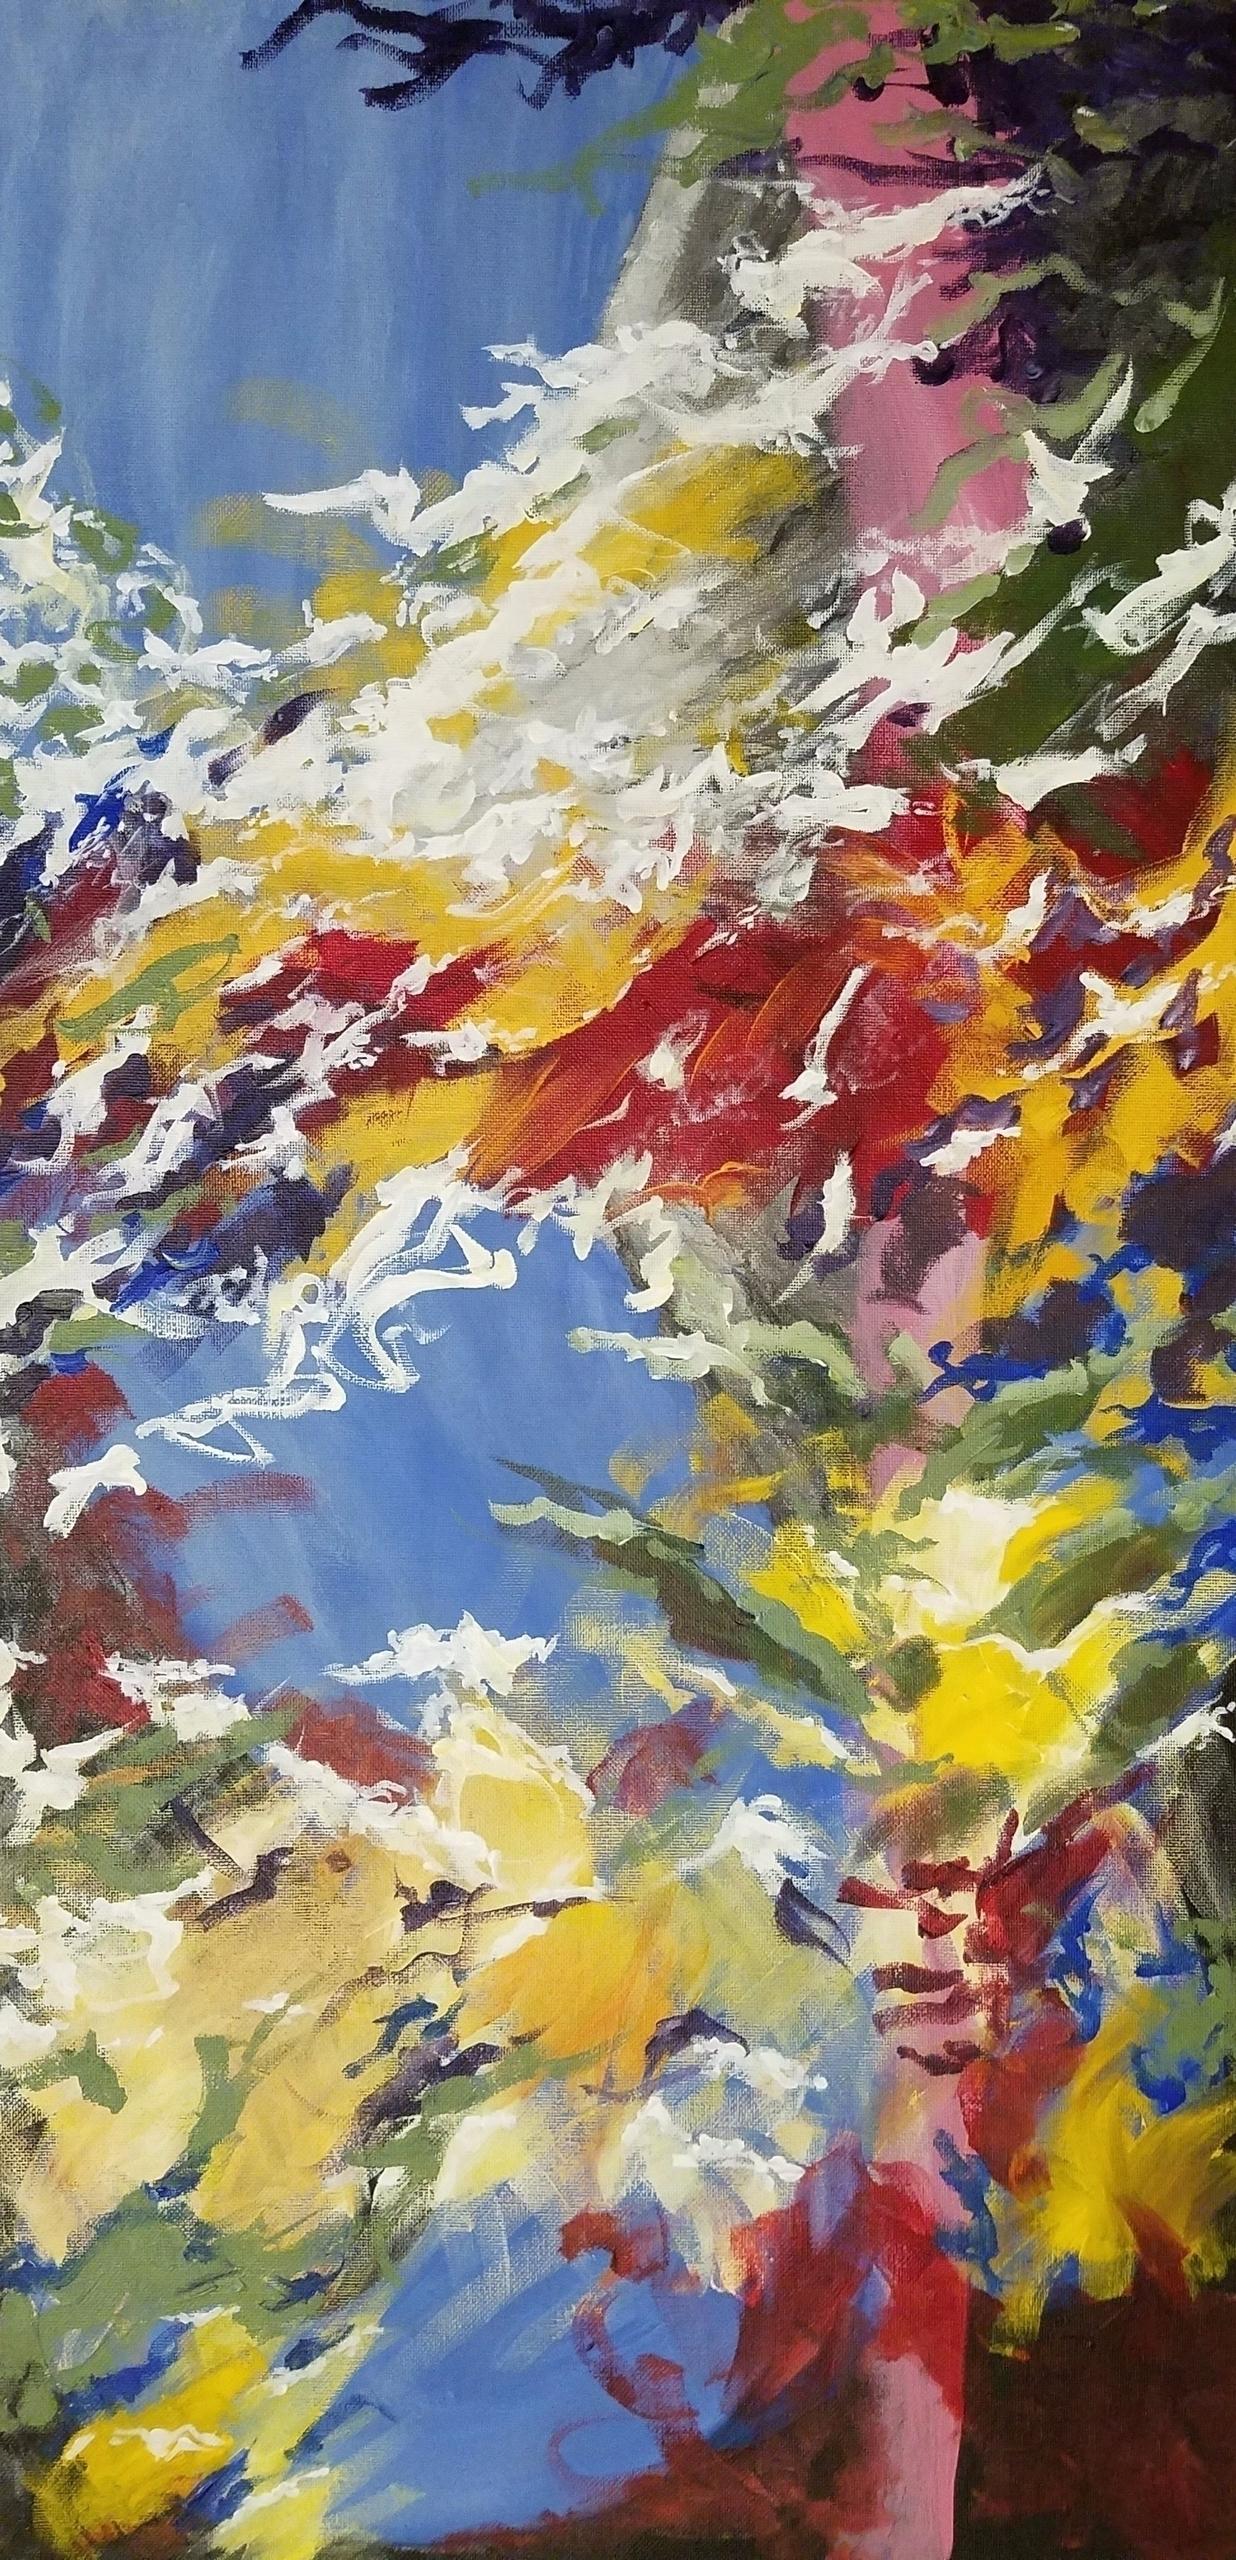 Regresar Acrylic canvas board 1 - la_polaca_destaca | ello